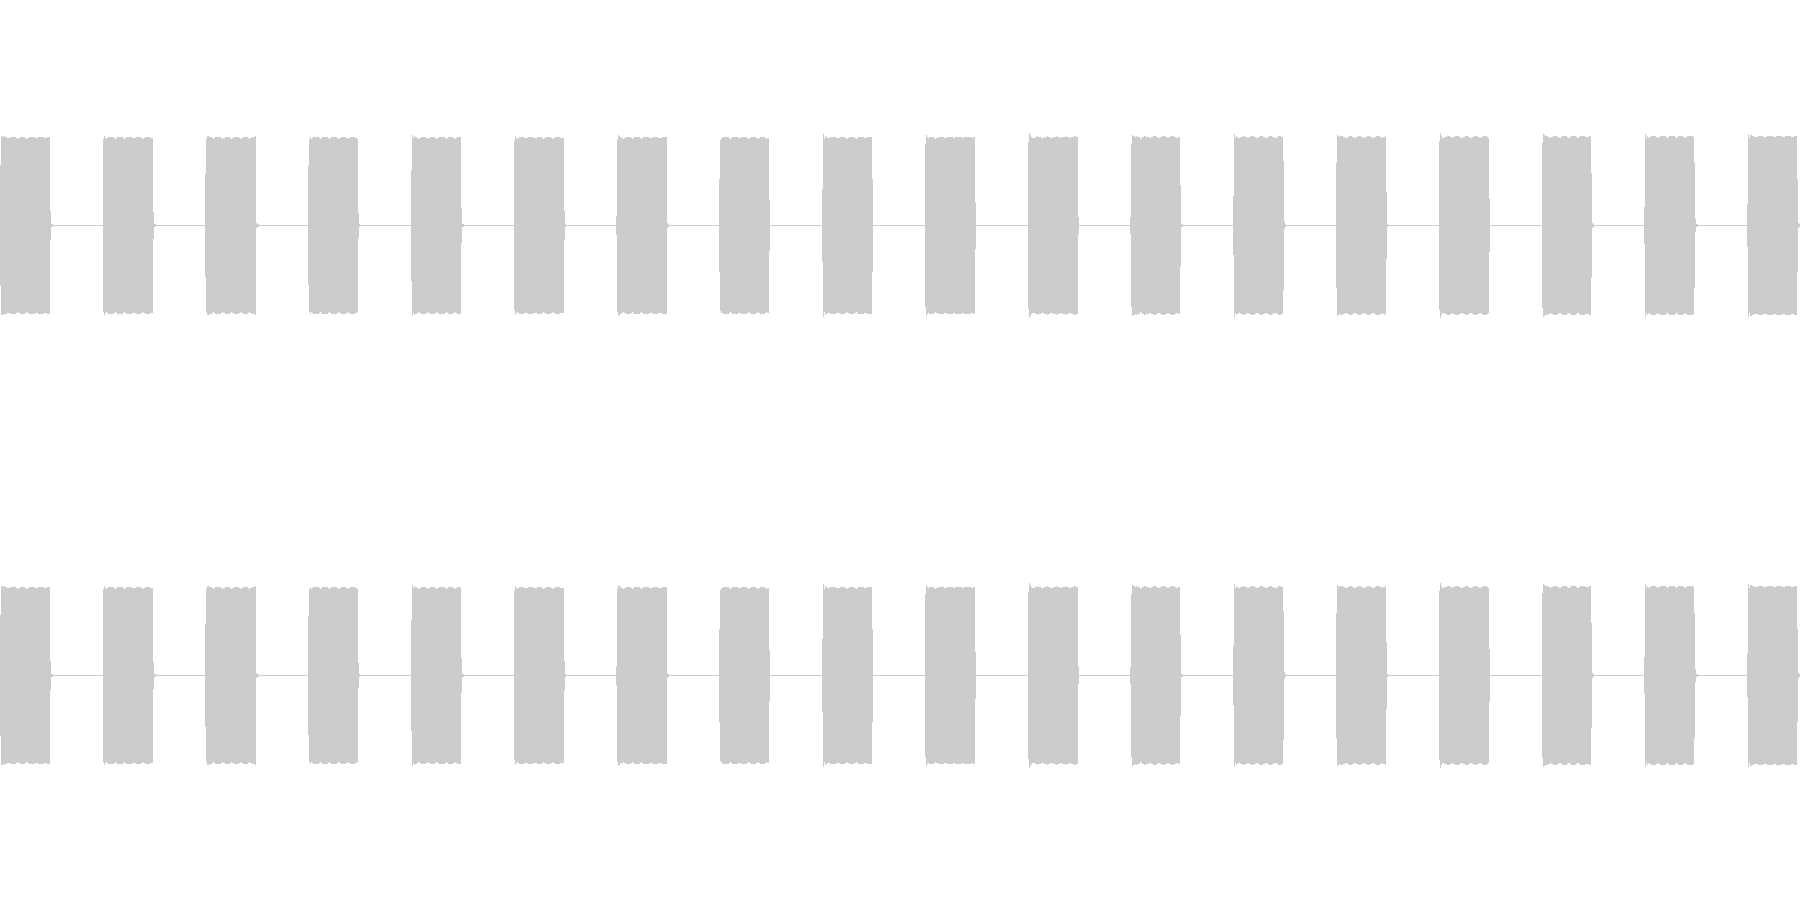 トゥルルル(ポイントが加算される音)の未再生の波形